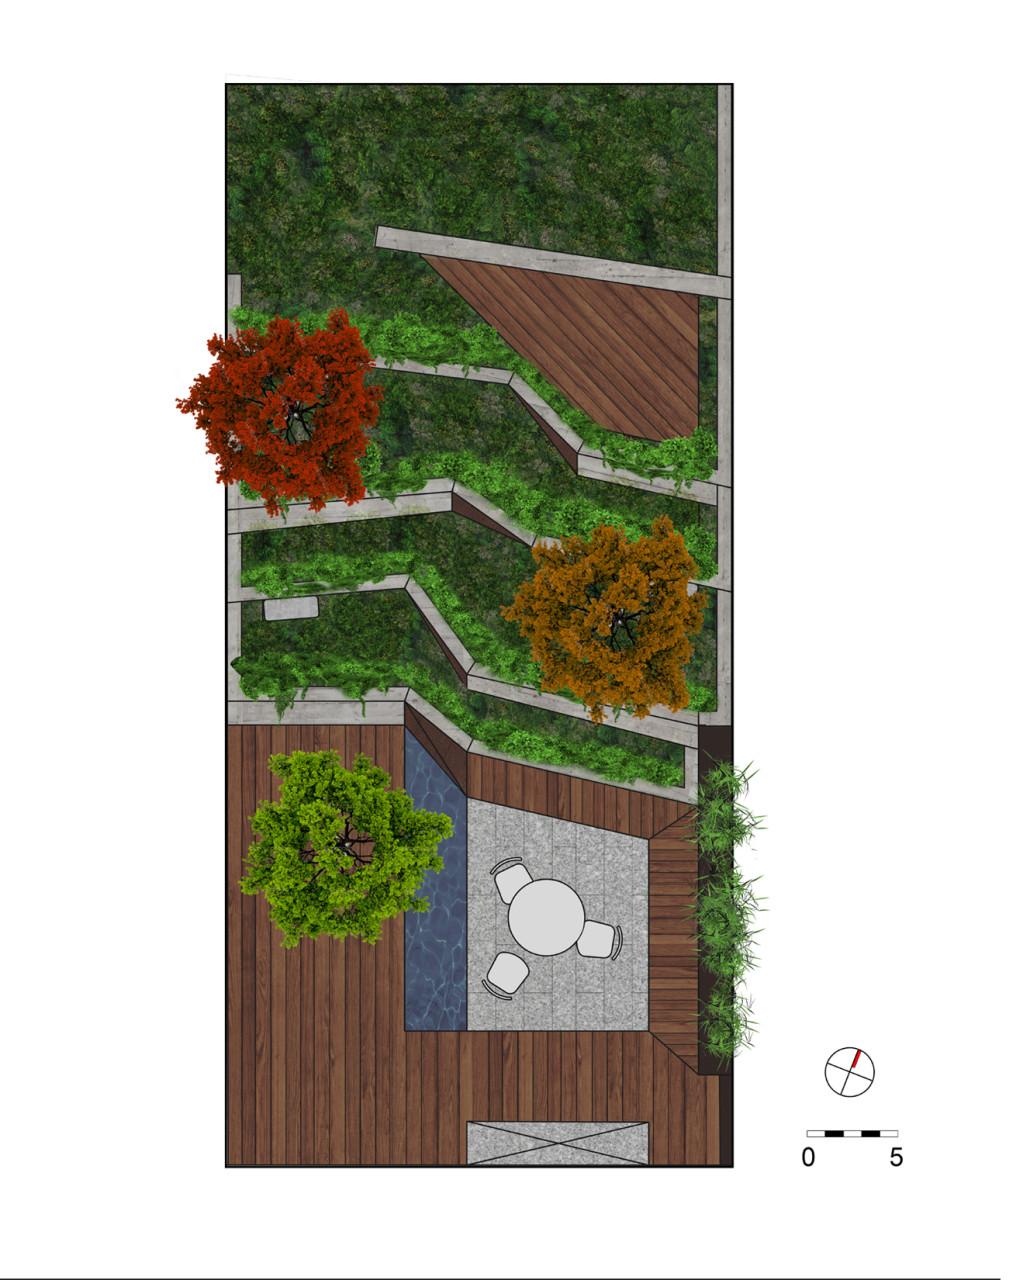 Hilgard-Garden-just3ds.com-14